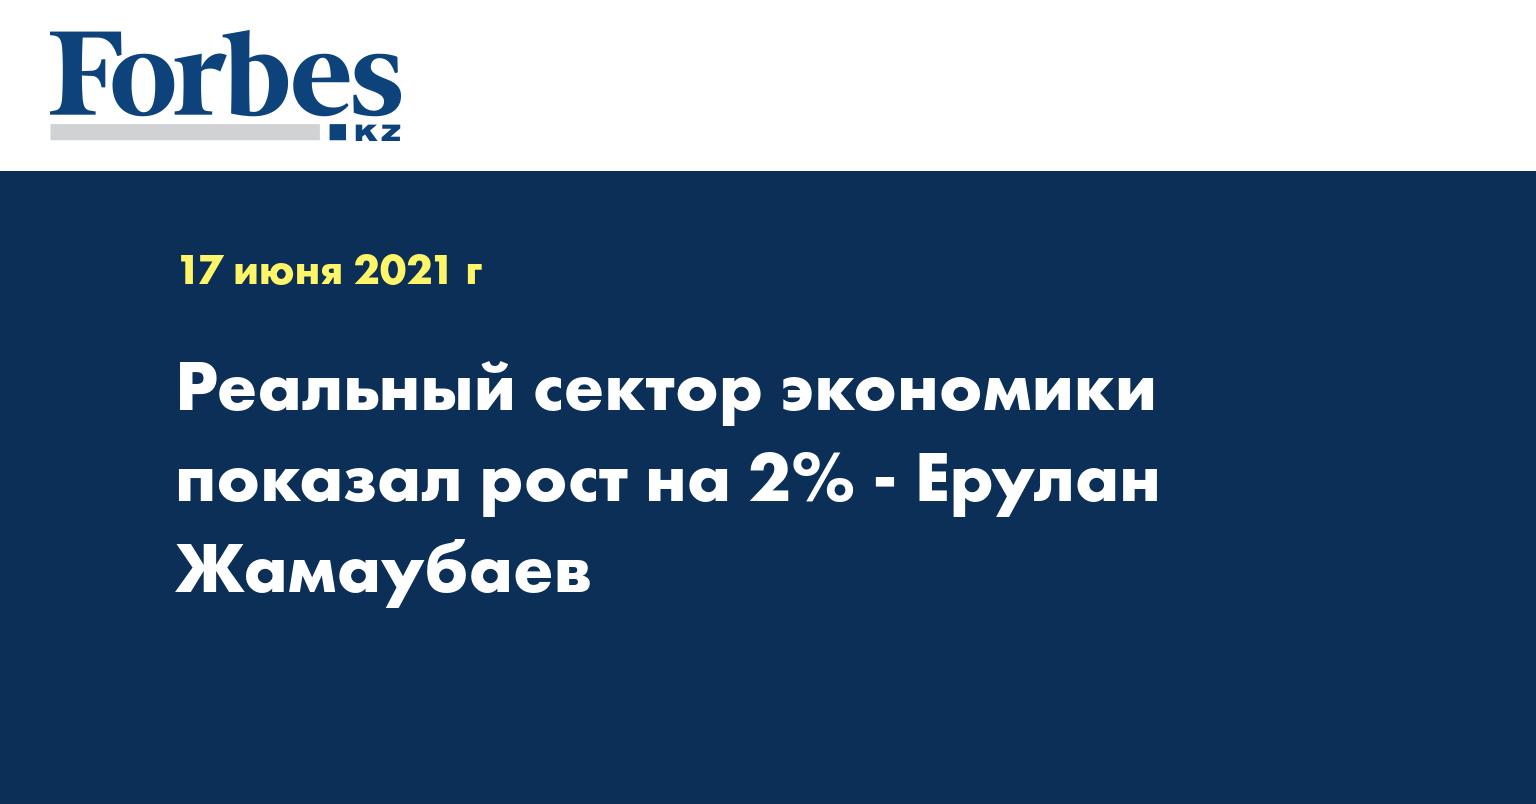 Реальный сектор экономики показал рост на 2% - Ерулан Жамаубаев